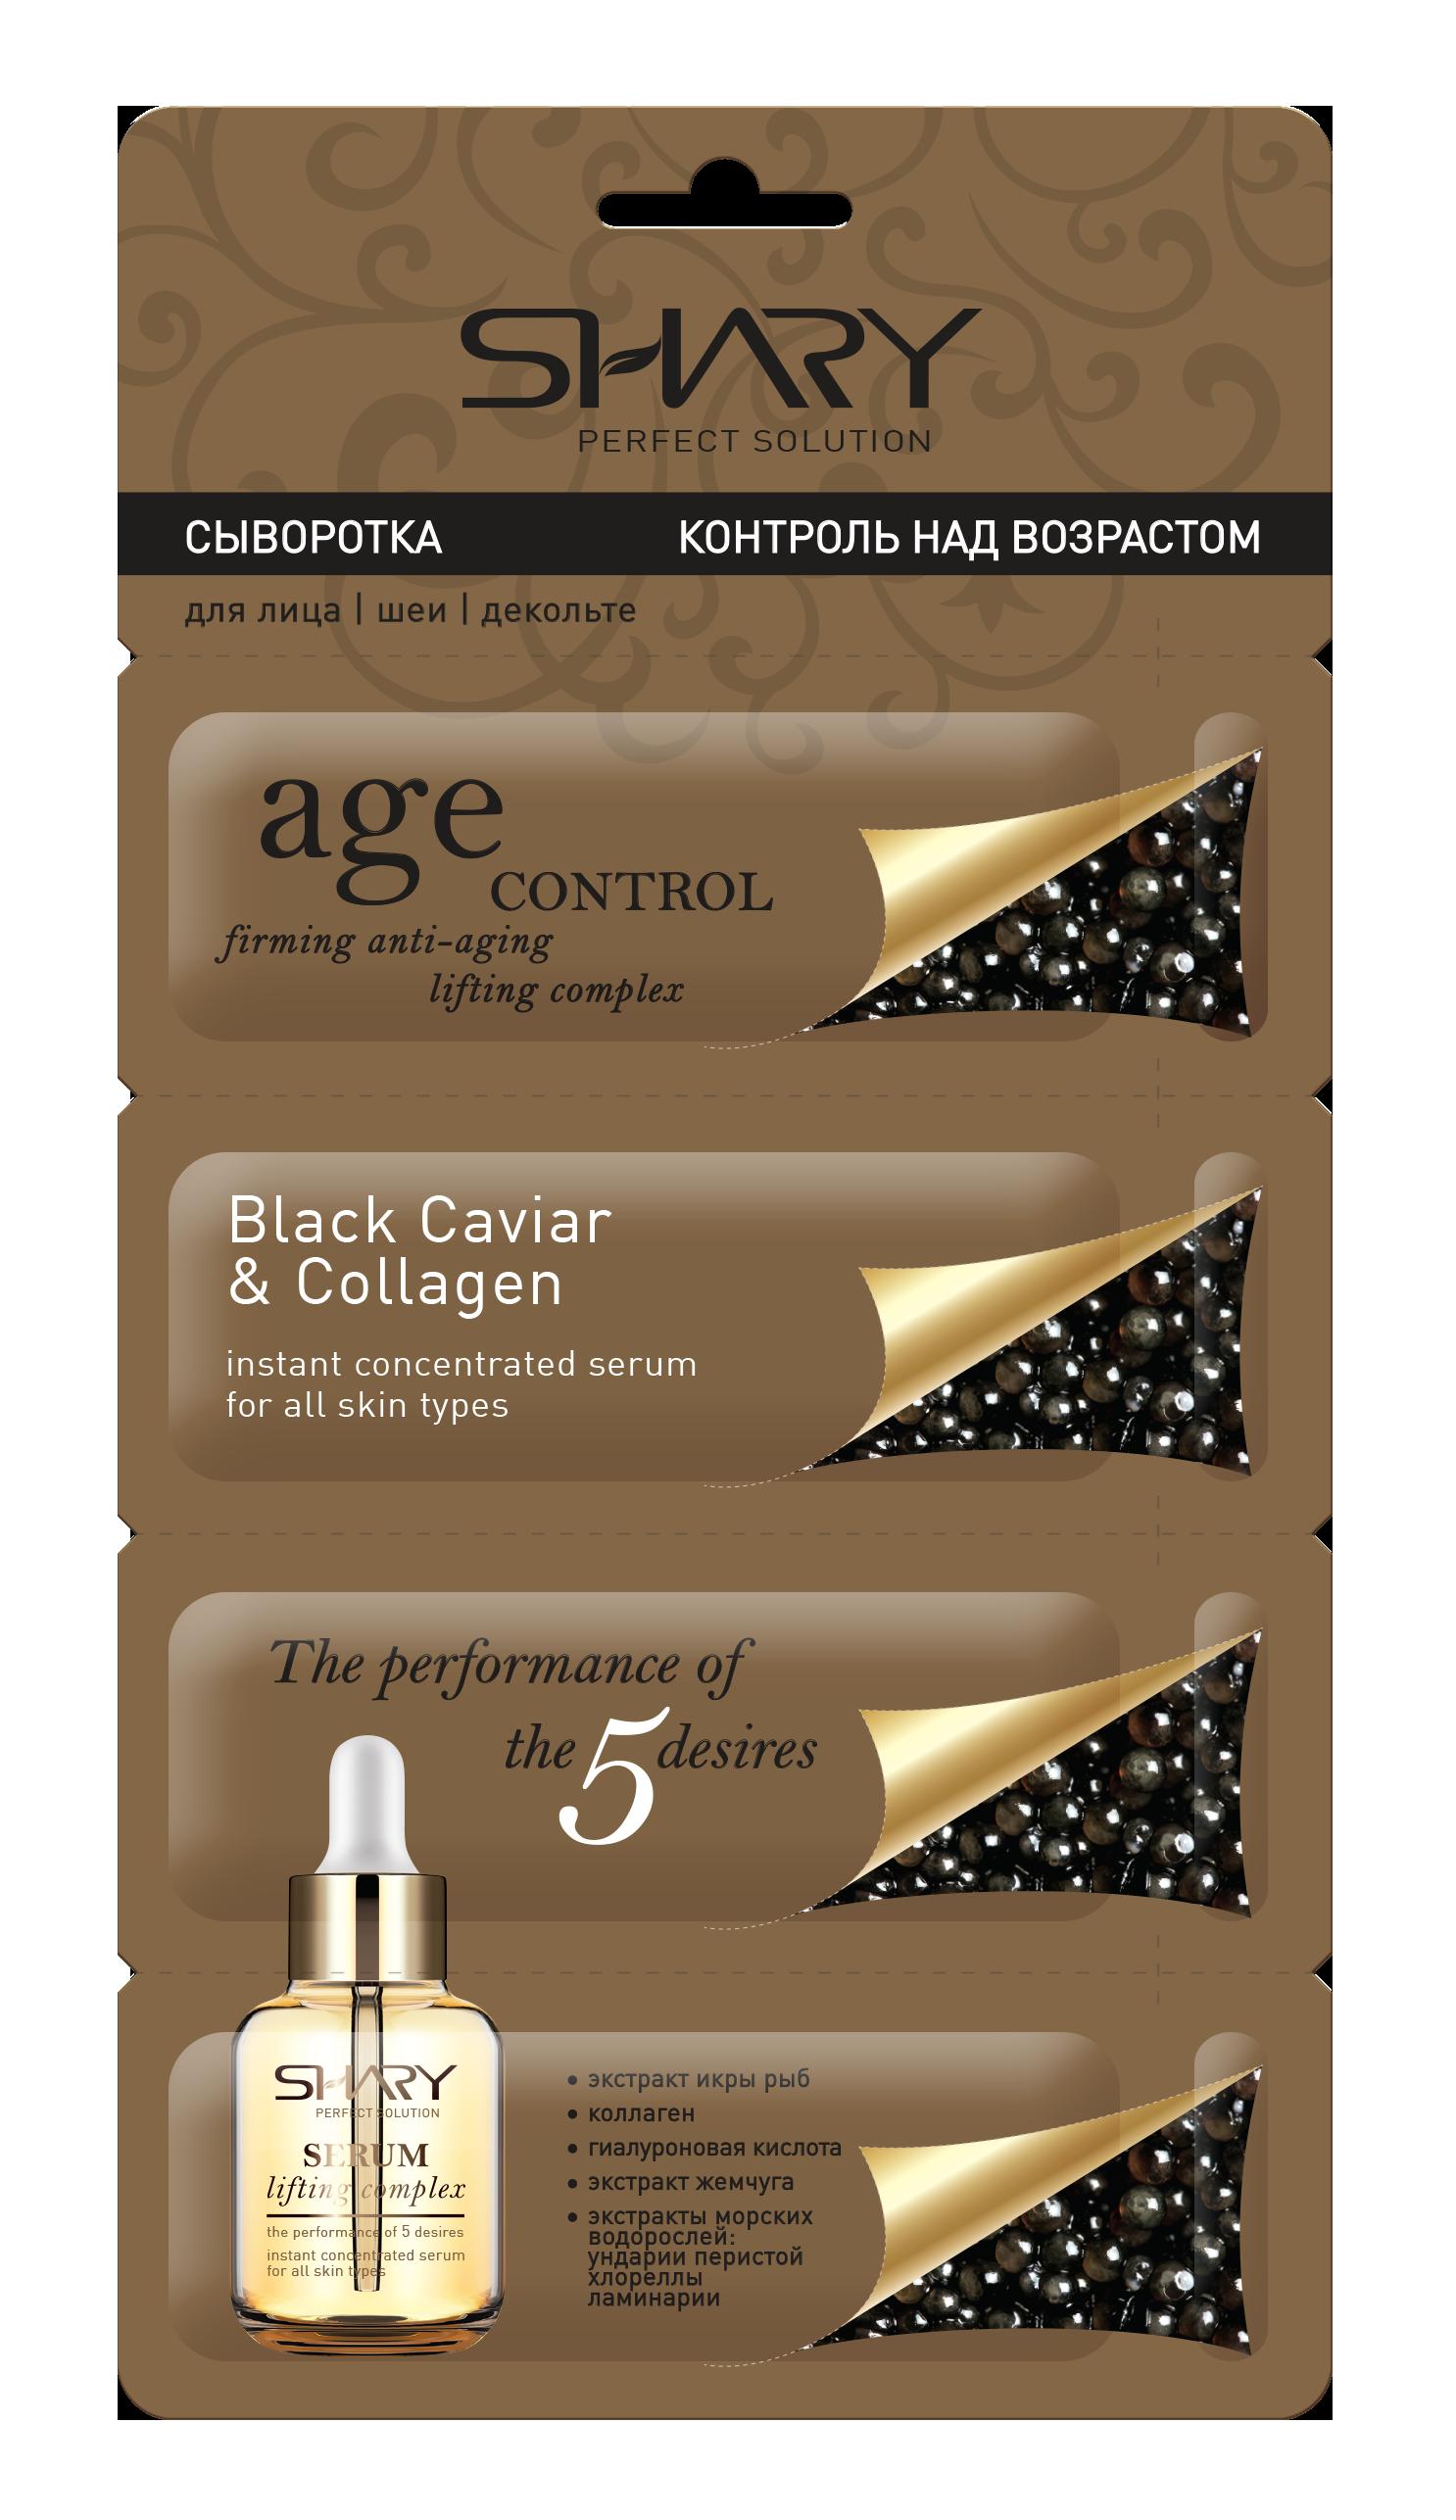 SHARY Сыворотка для лица, шеи, декольте Контроль над возрастом Черная икра и коллаген / SHARY 2г х 4 шт